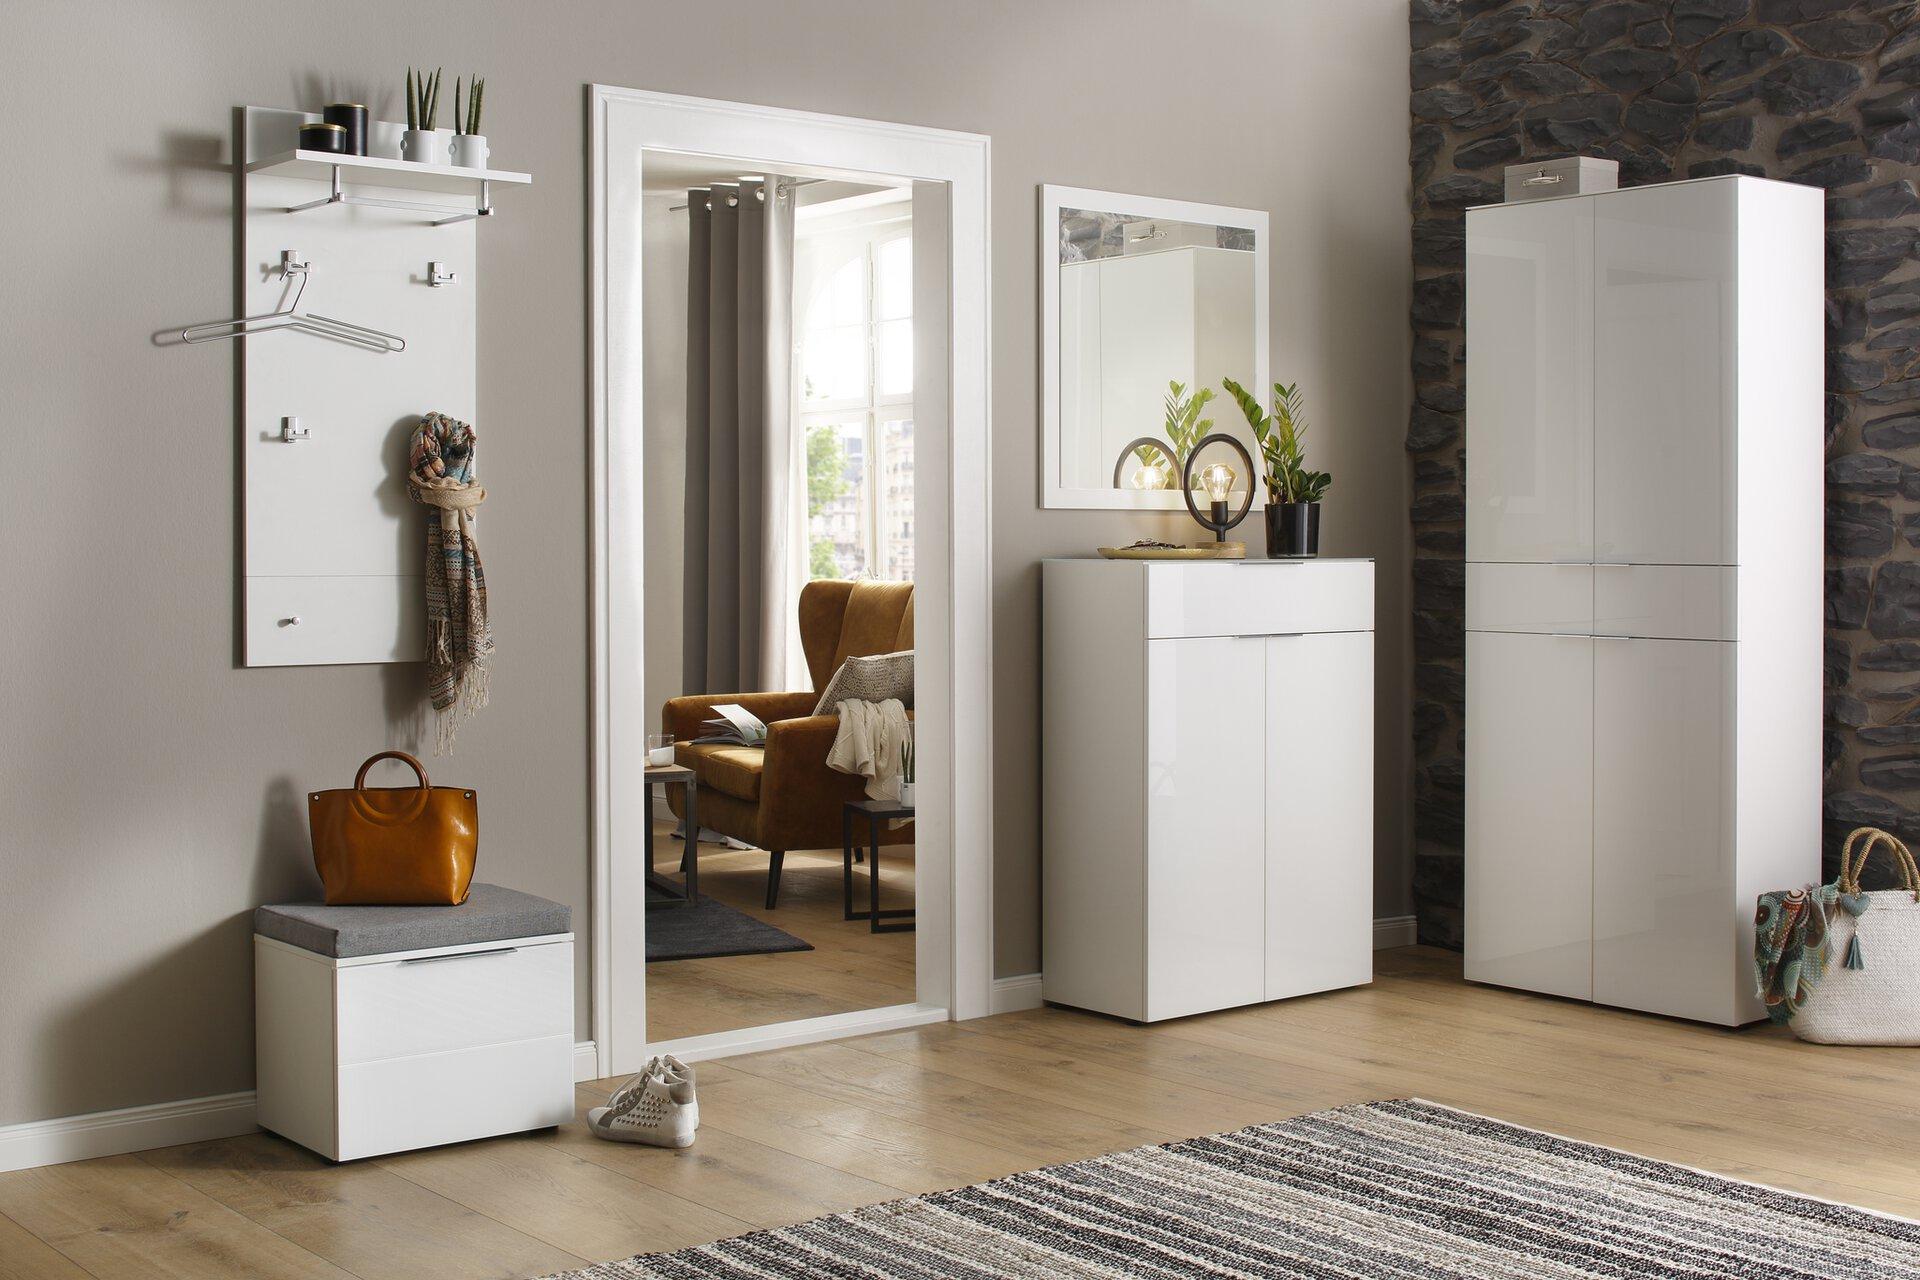 Garderobenpaneel SWAG Vito Holzwerkstoff weiß 25 x 107 x 49 cm